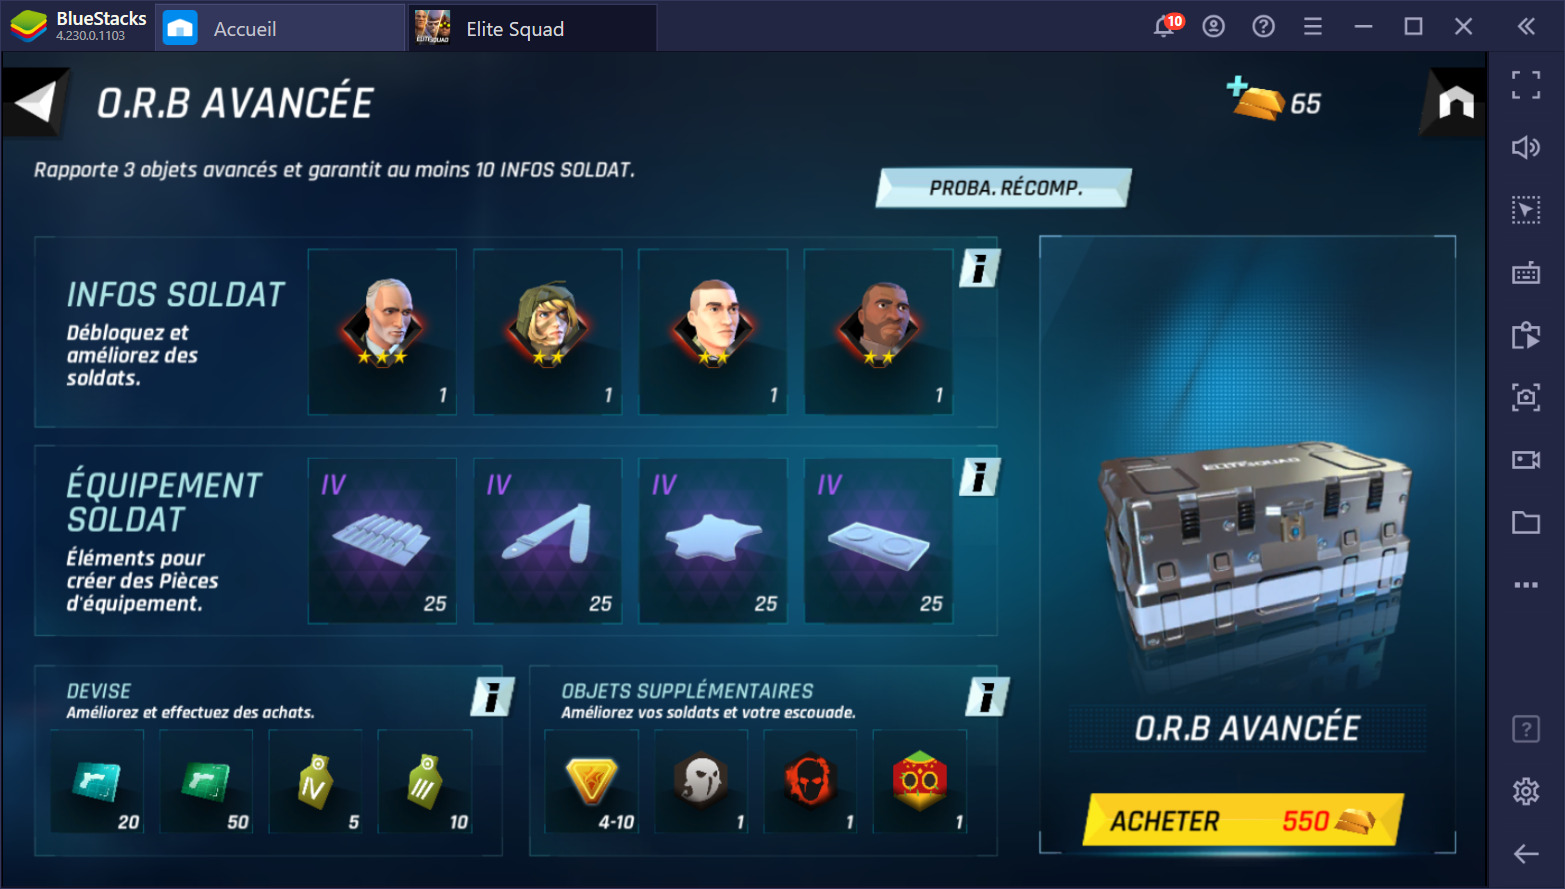 Guide sur le reroll dans Tom Clancy's Elite Squad – Comment débloquer les meilleurs agents dès le début